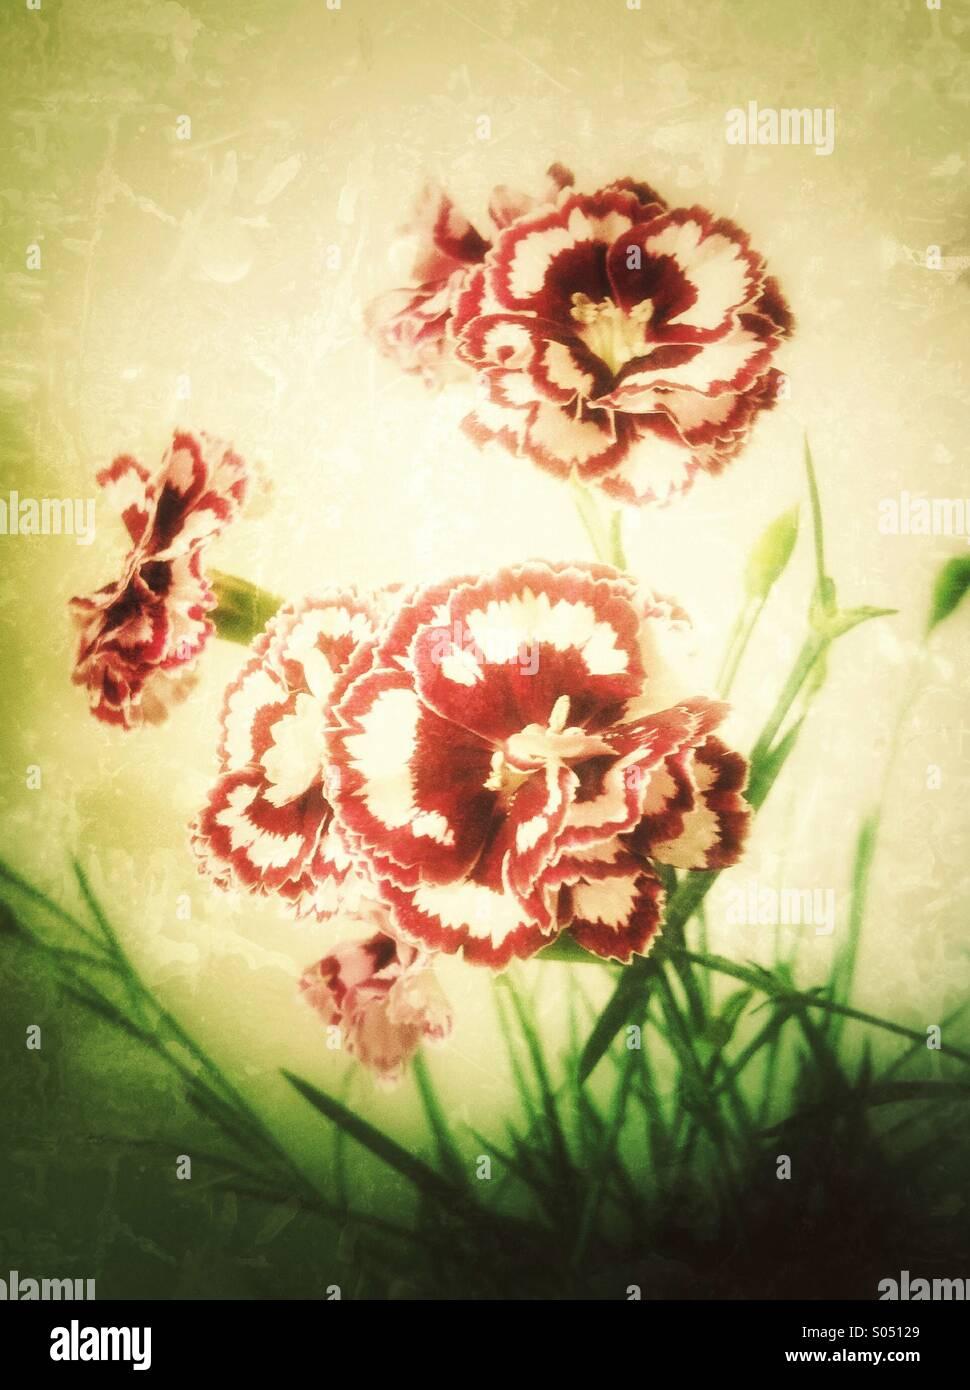 Rot weiße Dianthus Blumen Stockbild